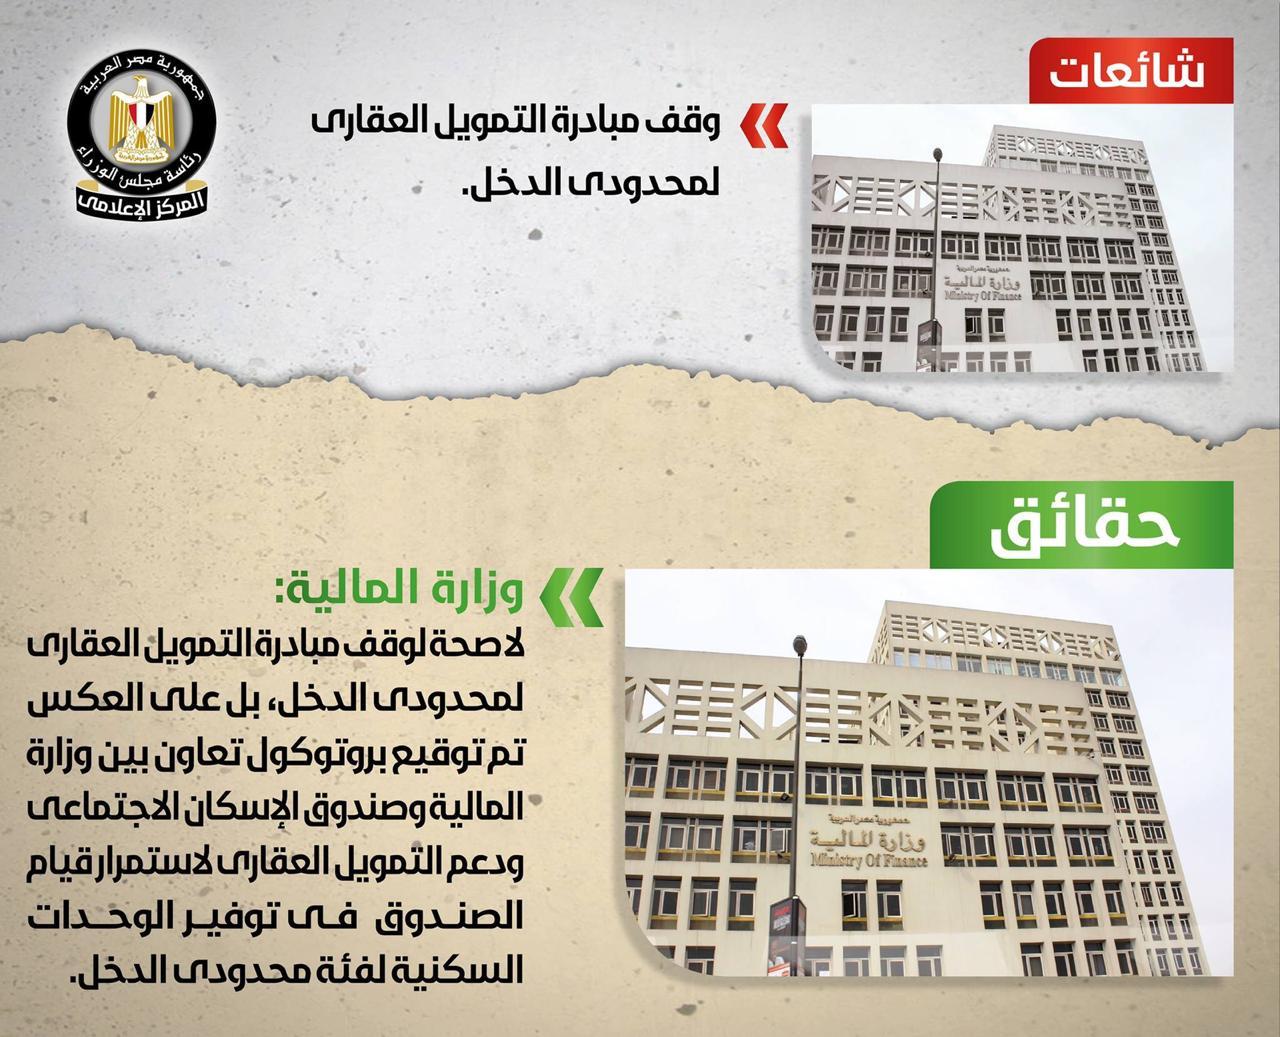 مجلس الوززراء (2)